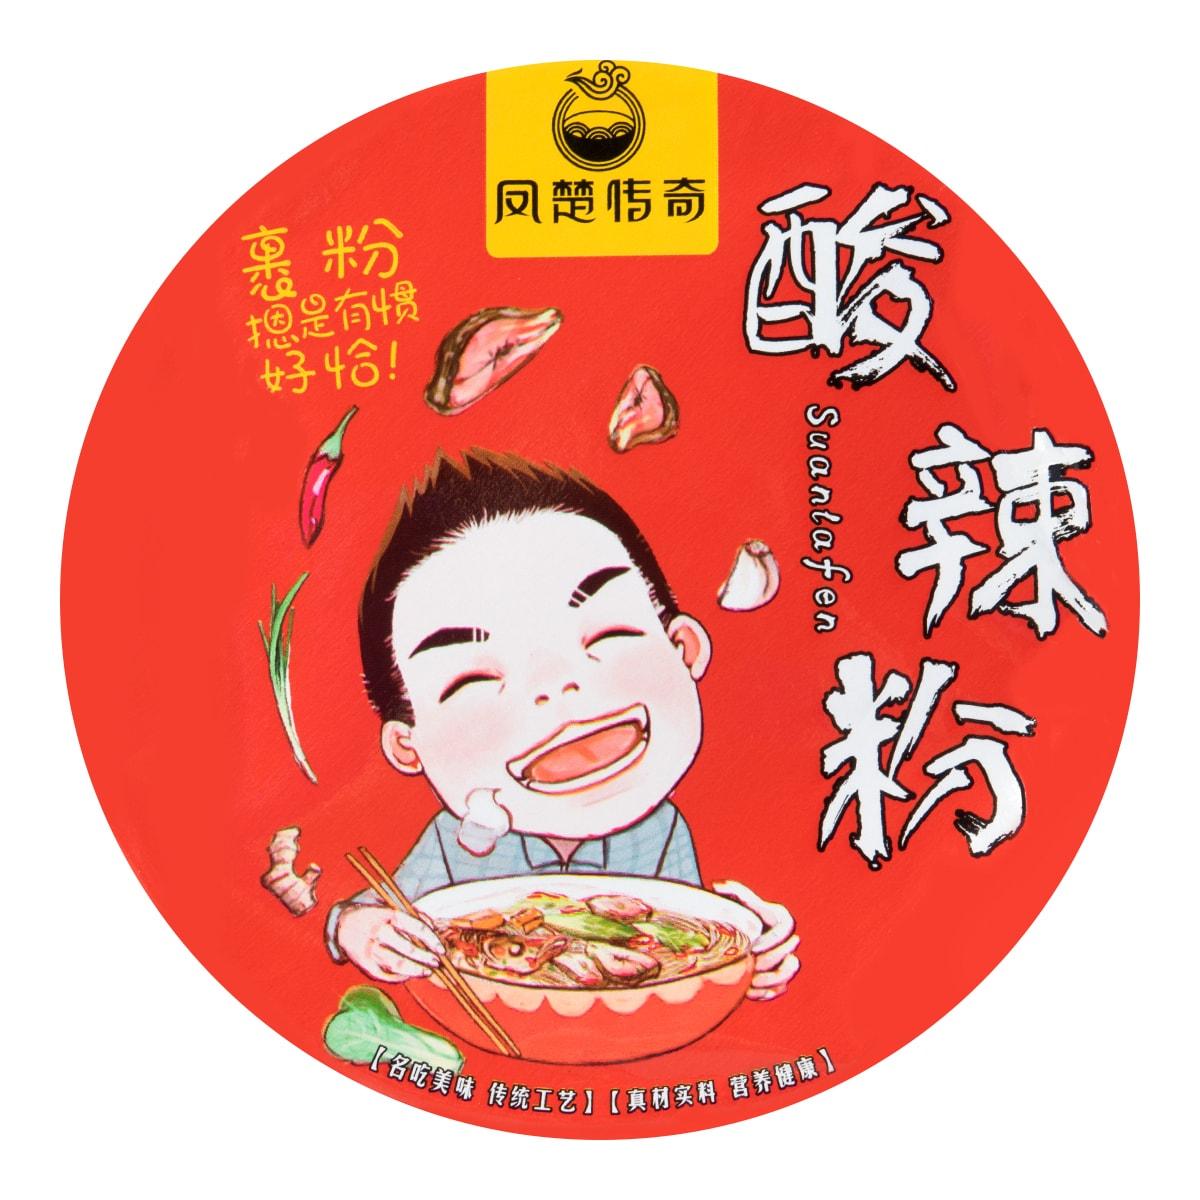 QIFENGDU Fish Instant Noodle Sour Hot Flavor 130g